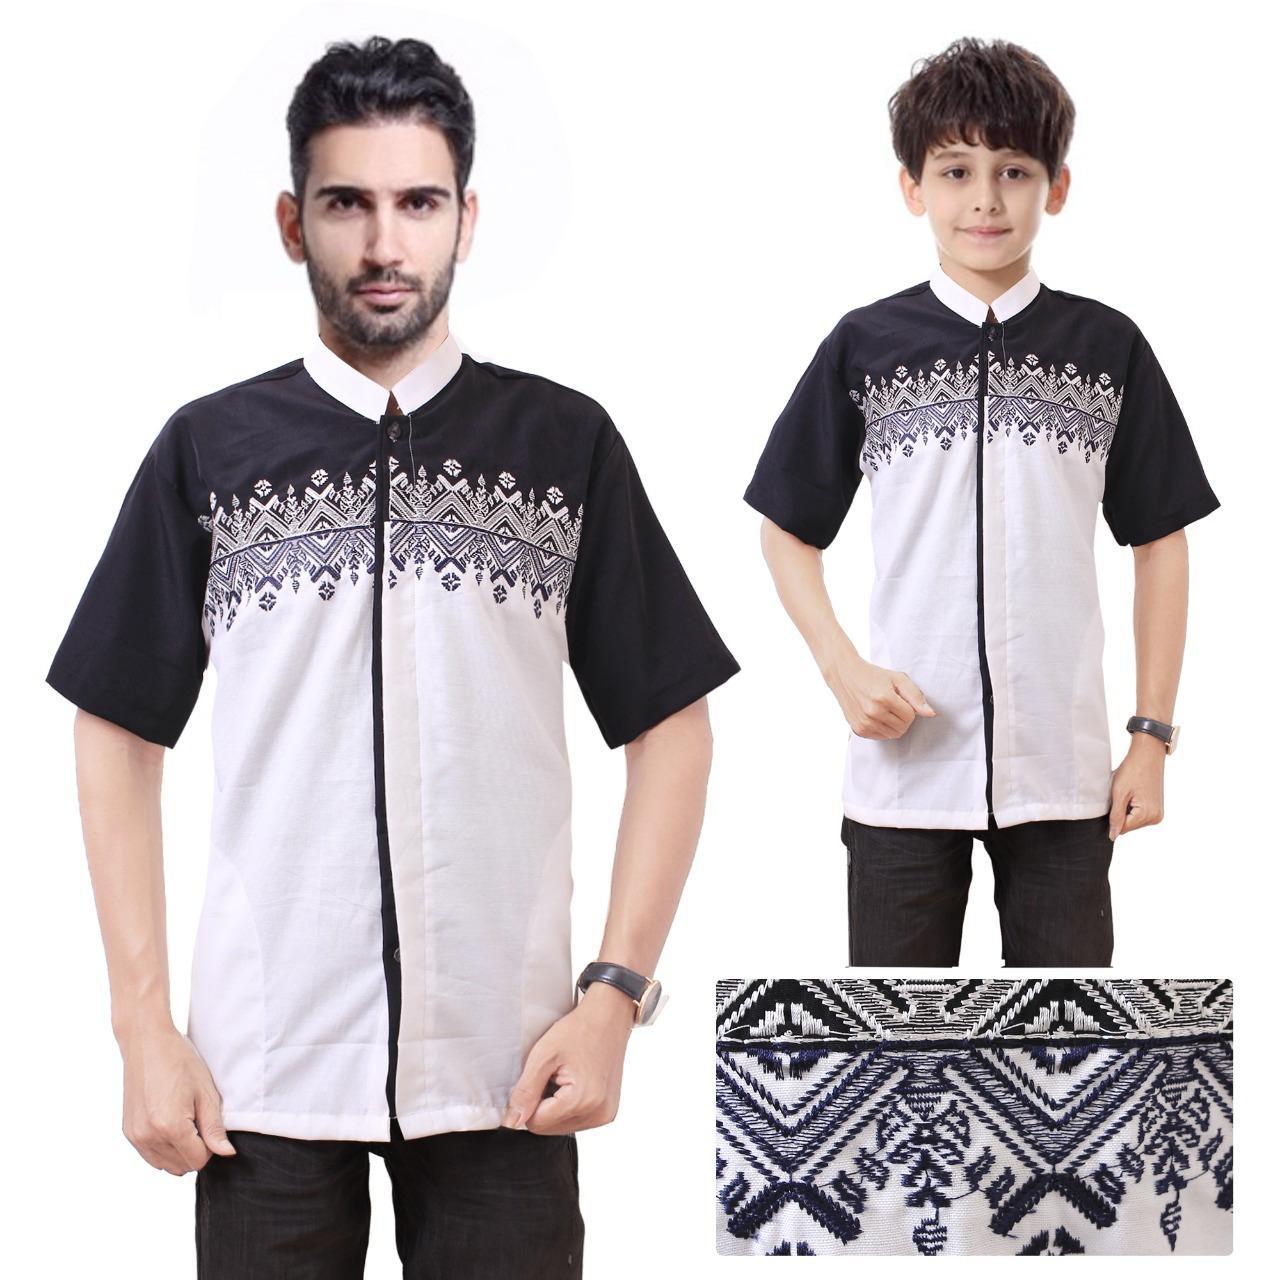 168 Collection Baju Koko Milogan Kemeja Muslim Lengan Pendek ayah dan anak